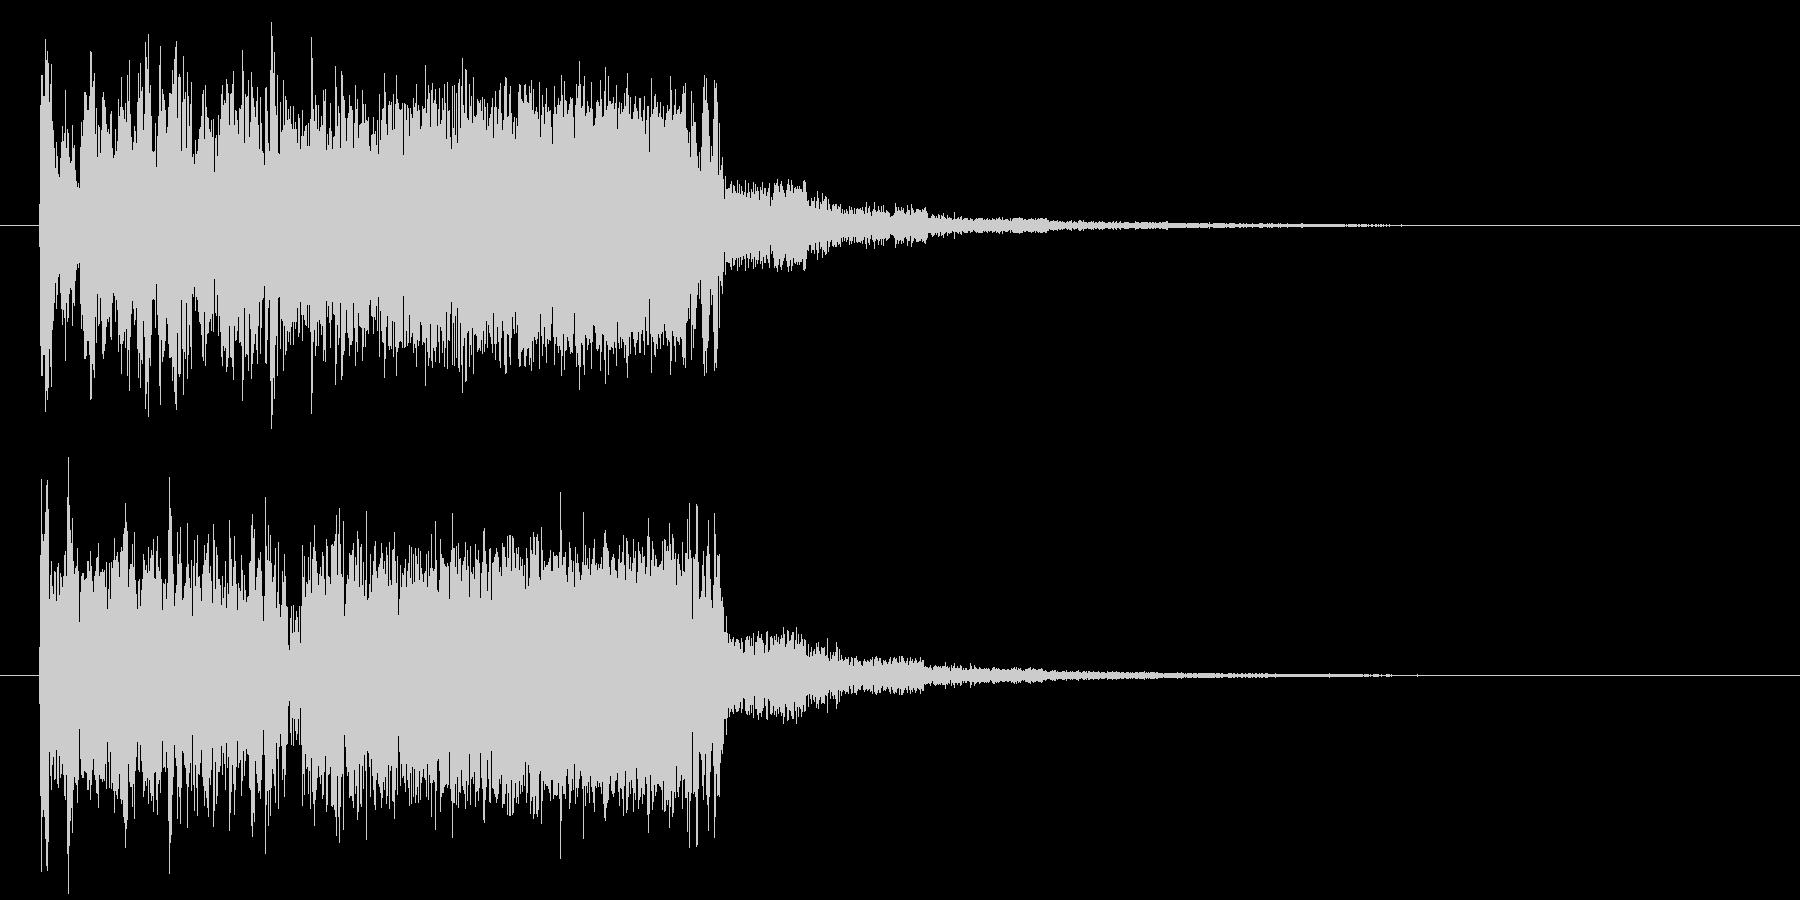 ビュルビュルビュルビュル(ビーム上昇音)の未再生の波形